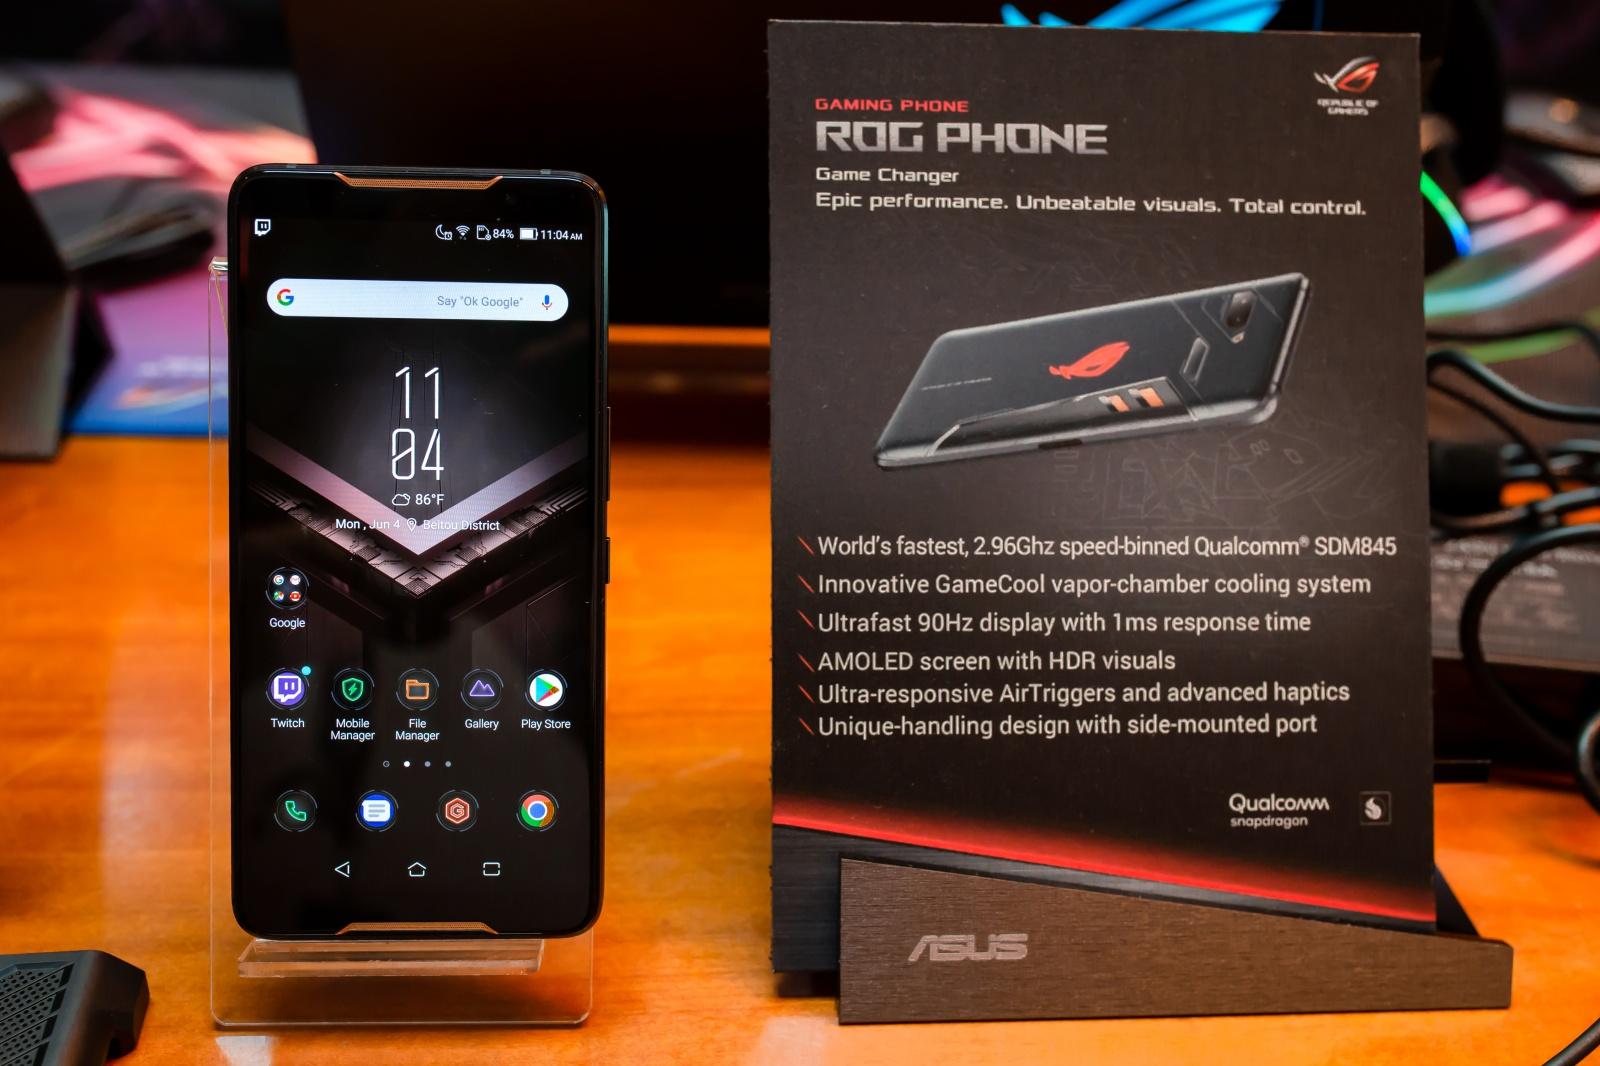 Первый взгляд на геймерский смартфон ASUS ROG Phone - 3